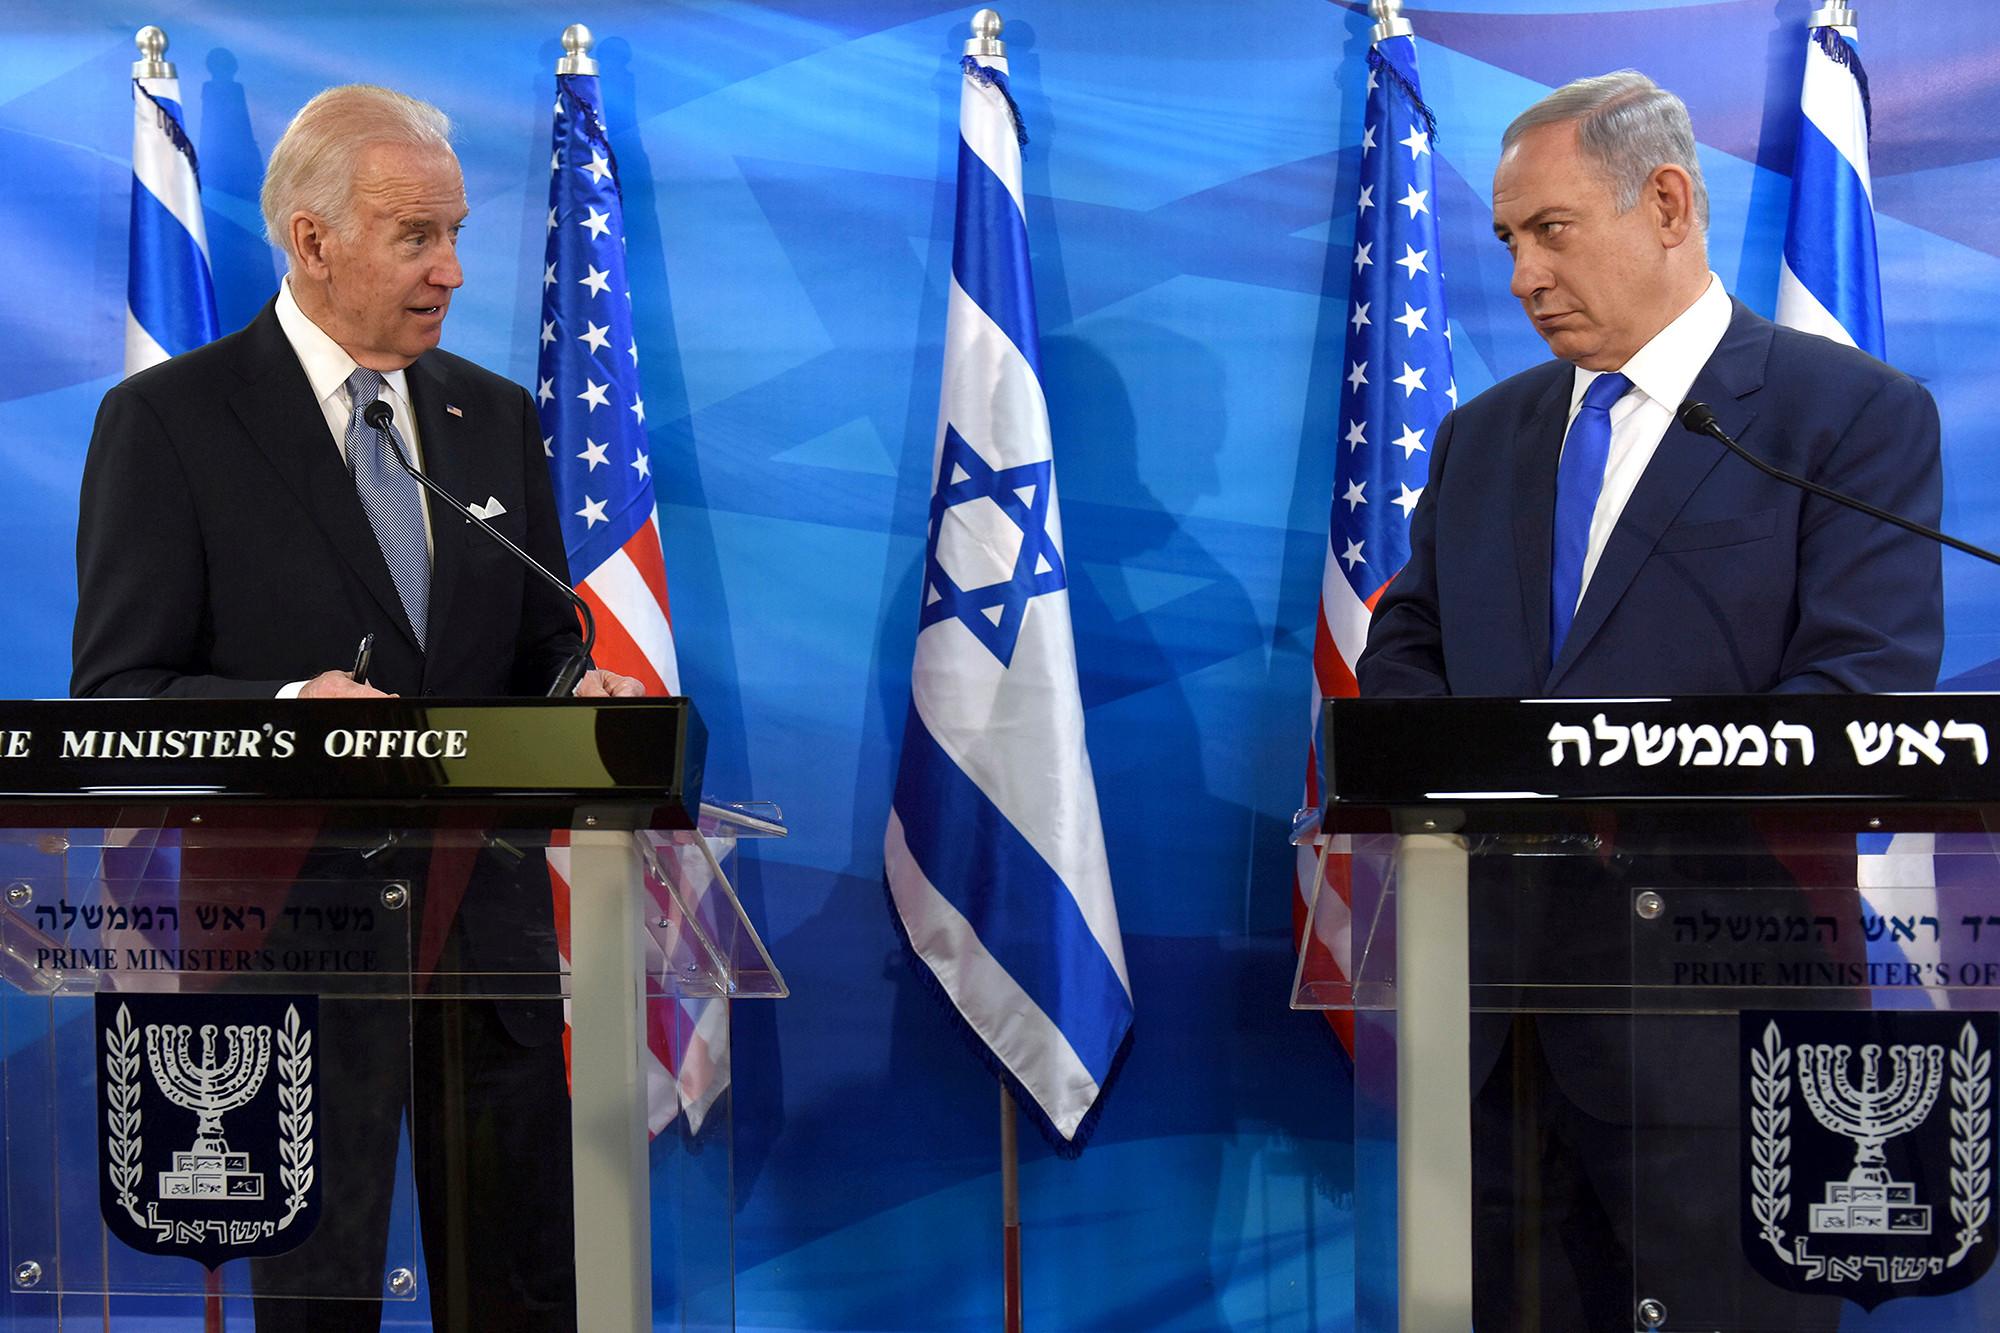 الرئيس الأميركي ورئيس الوزراء الإسرائيلي خلال لقاء في القدس عام 2016 (رويترز).jpg